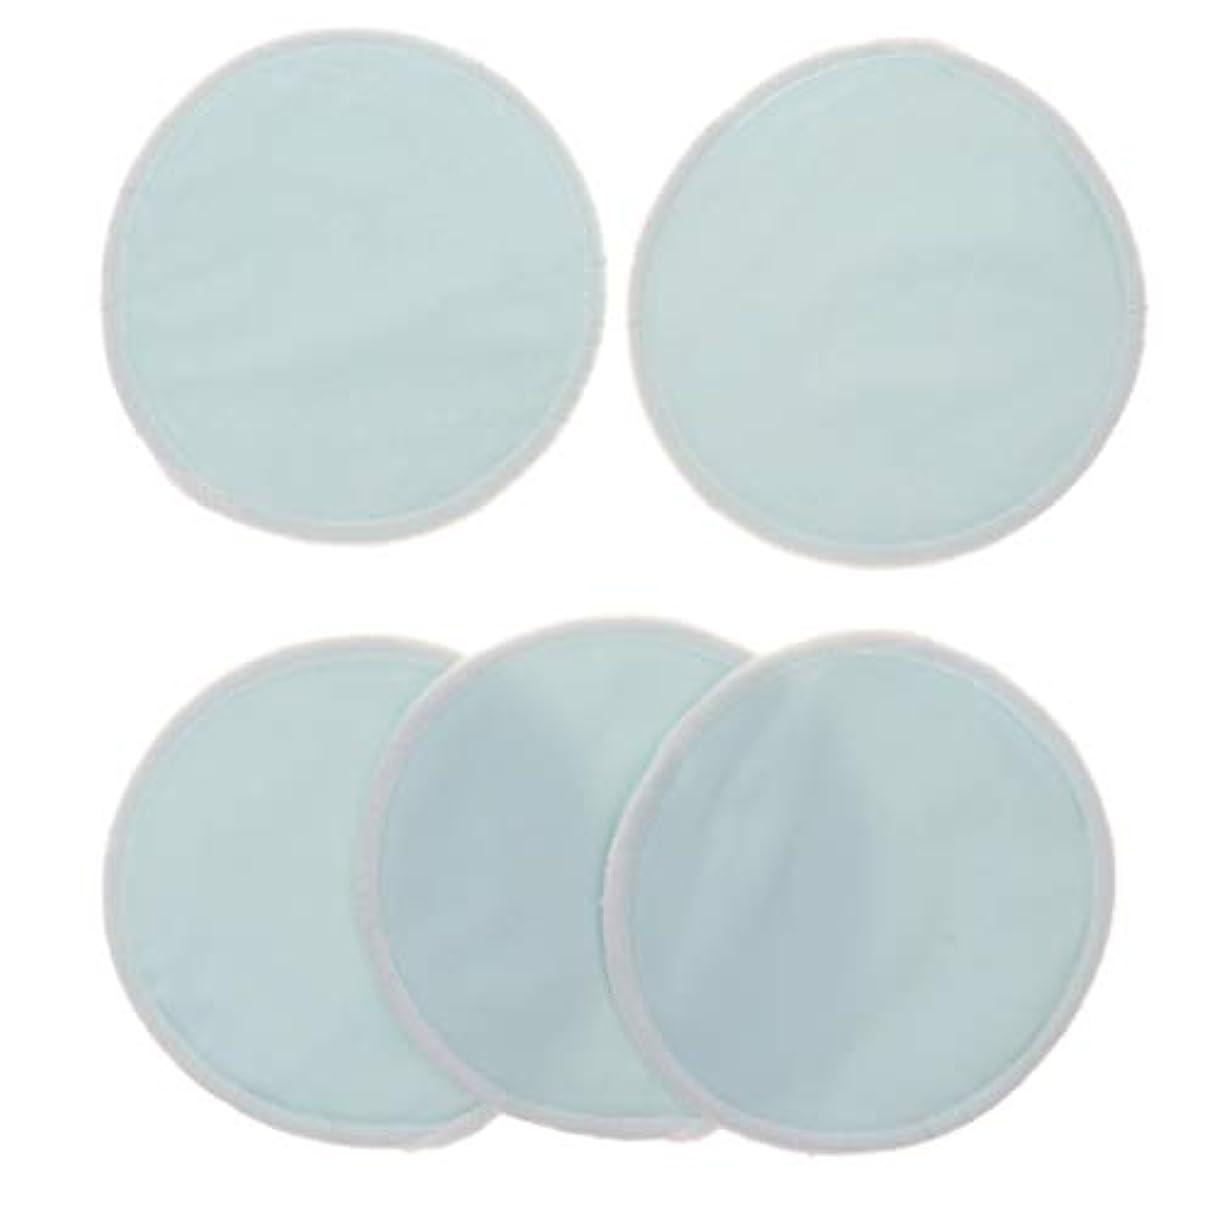 ファシズム投資する回想Fenteer 5個 クレンジングシート 胸パッド 化粧用 竹繊維 円形 12cm 洗える 再使用可能 耐久性 全5色 - 青